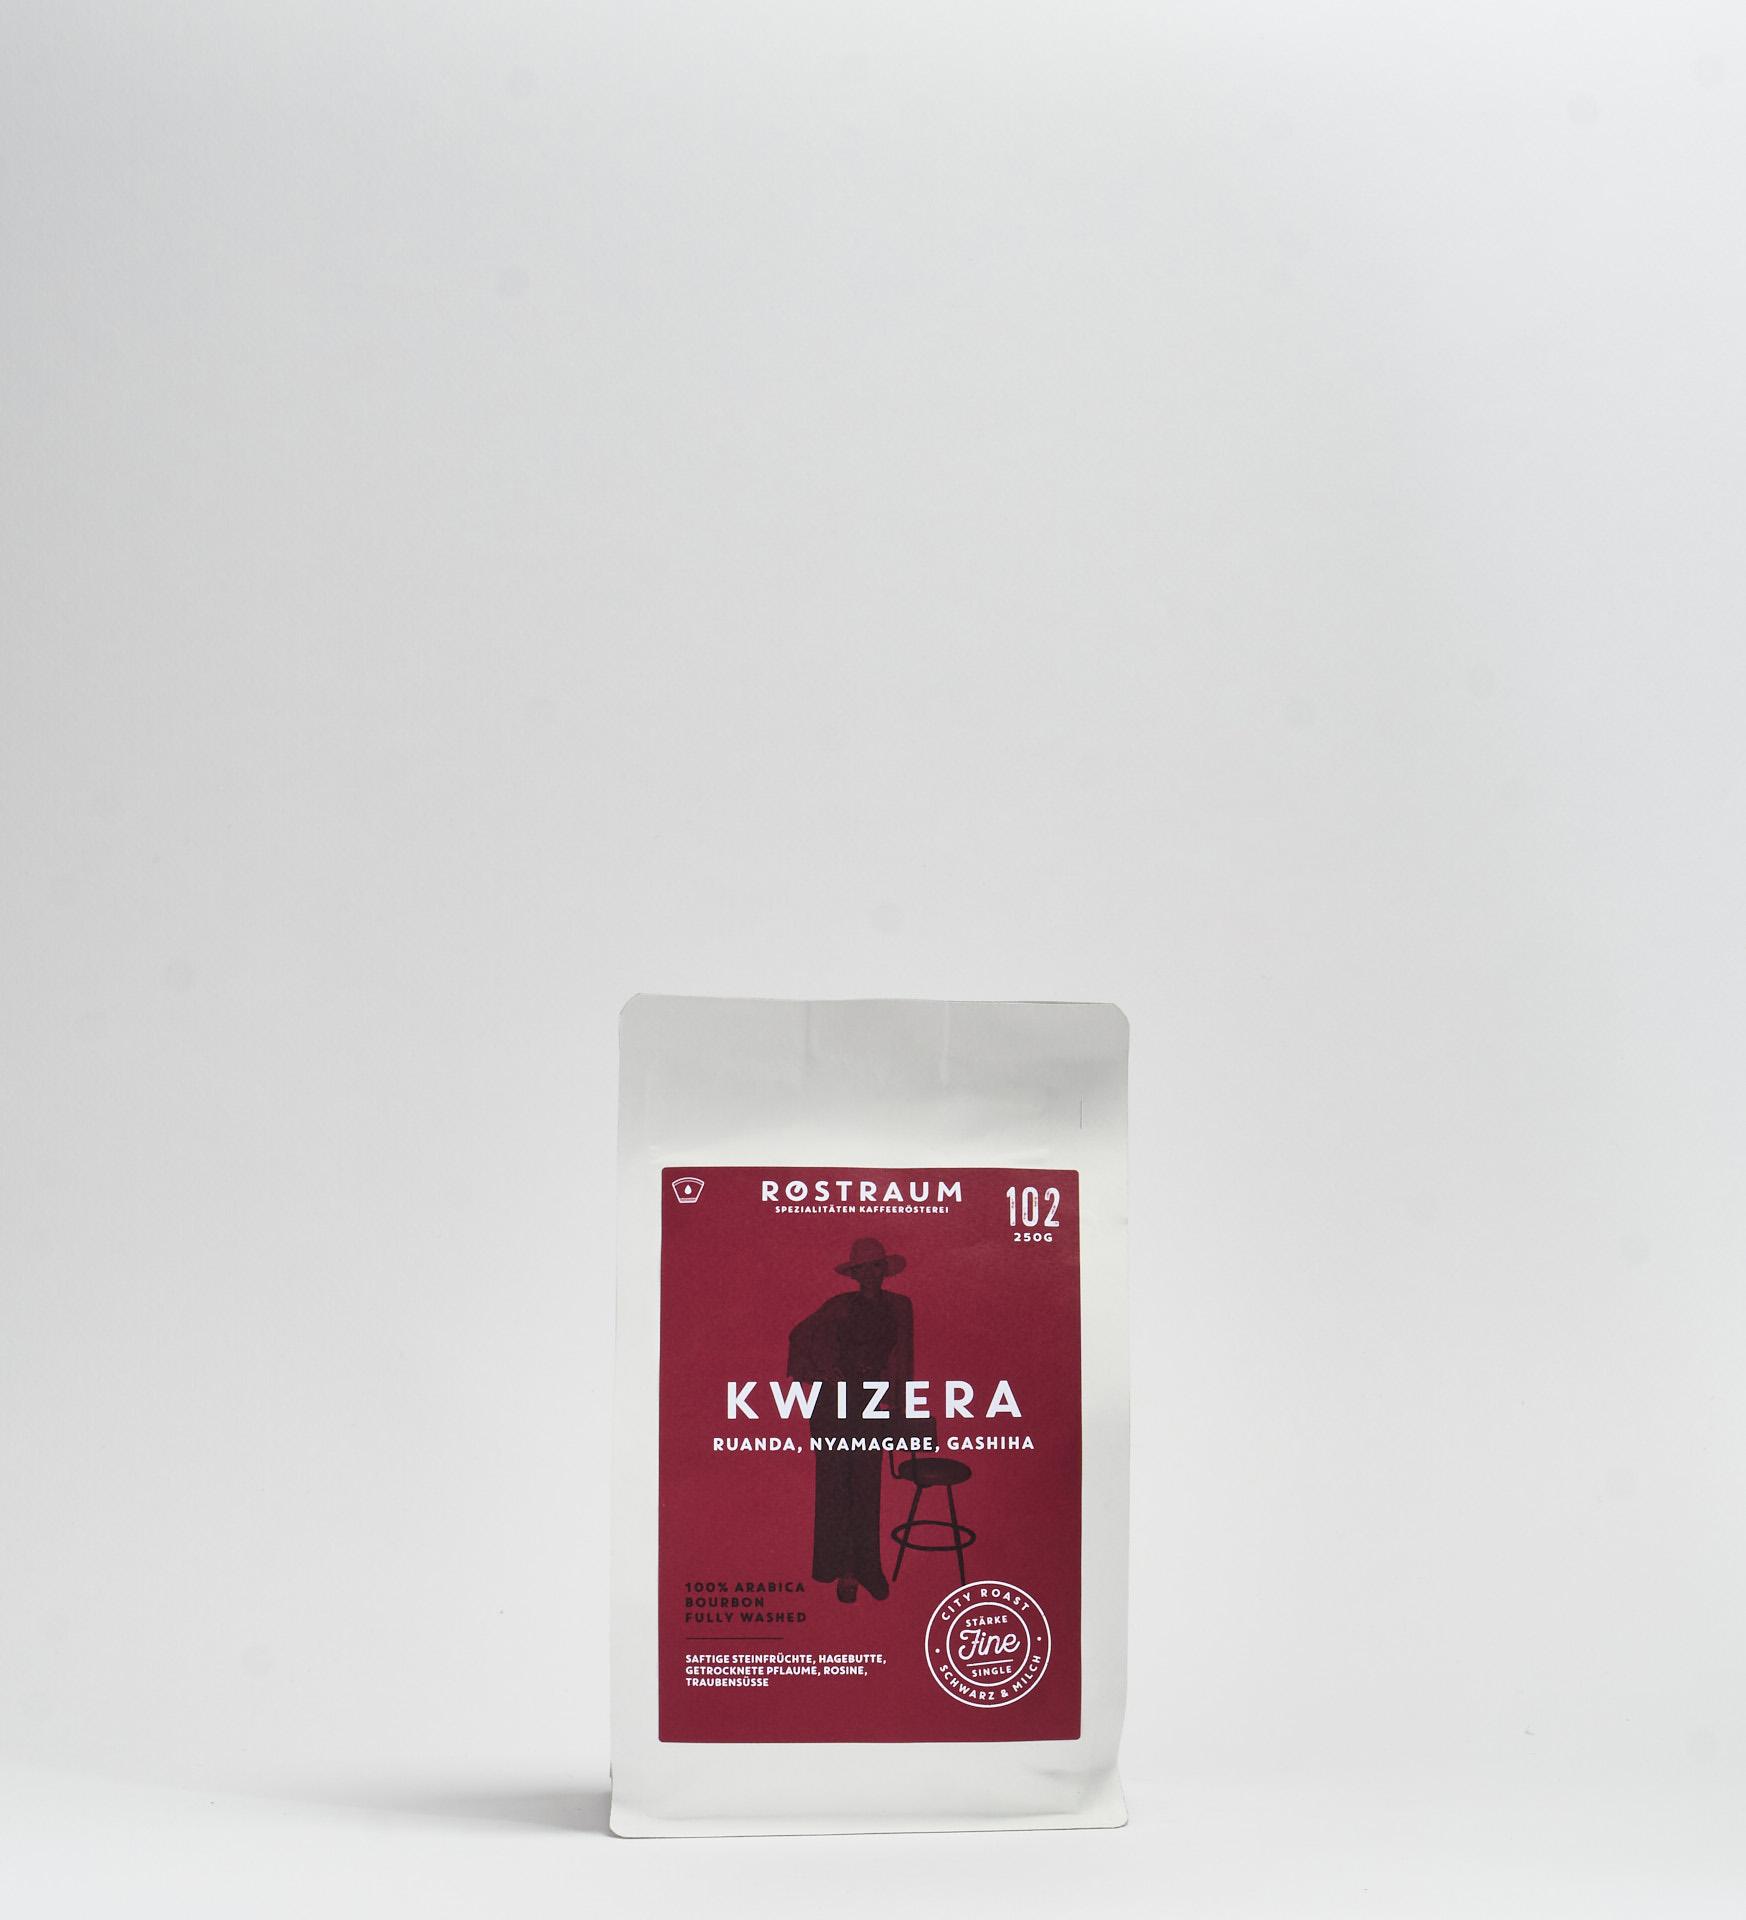 Kwizera-prev-1